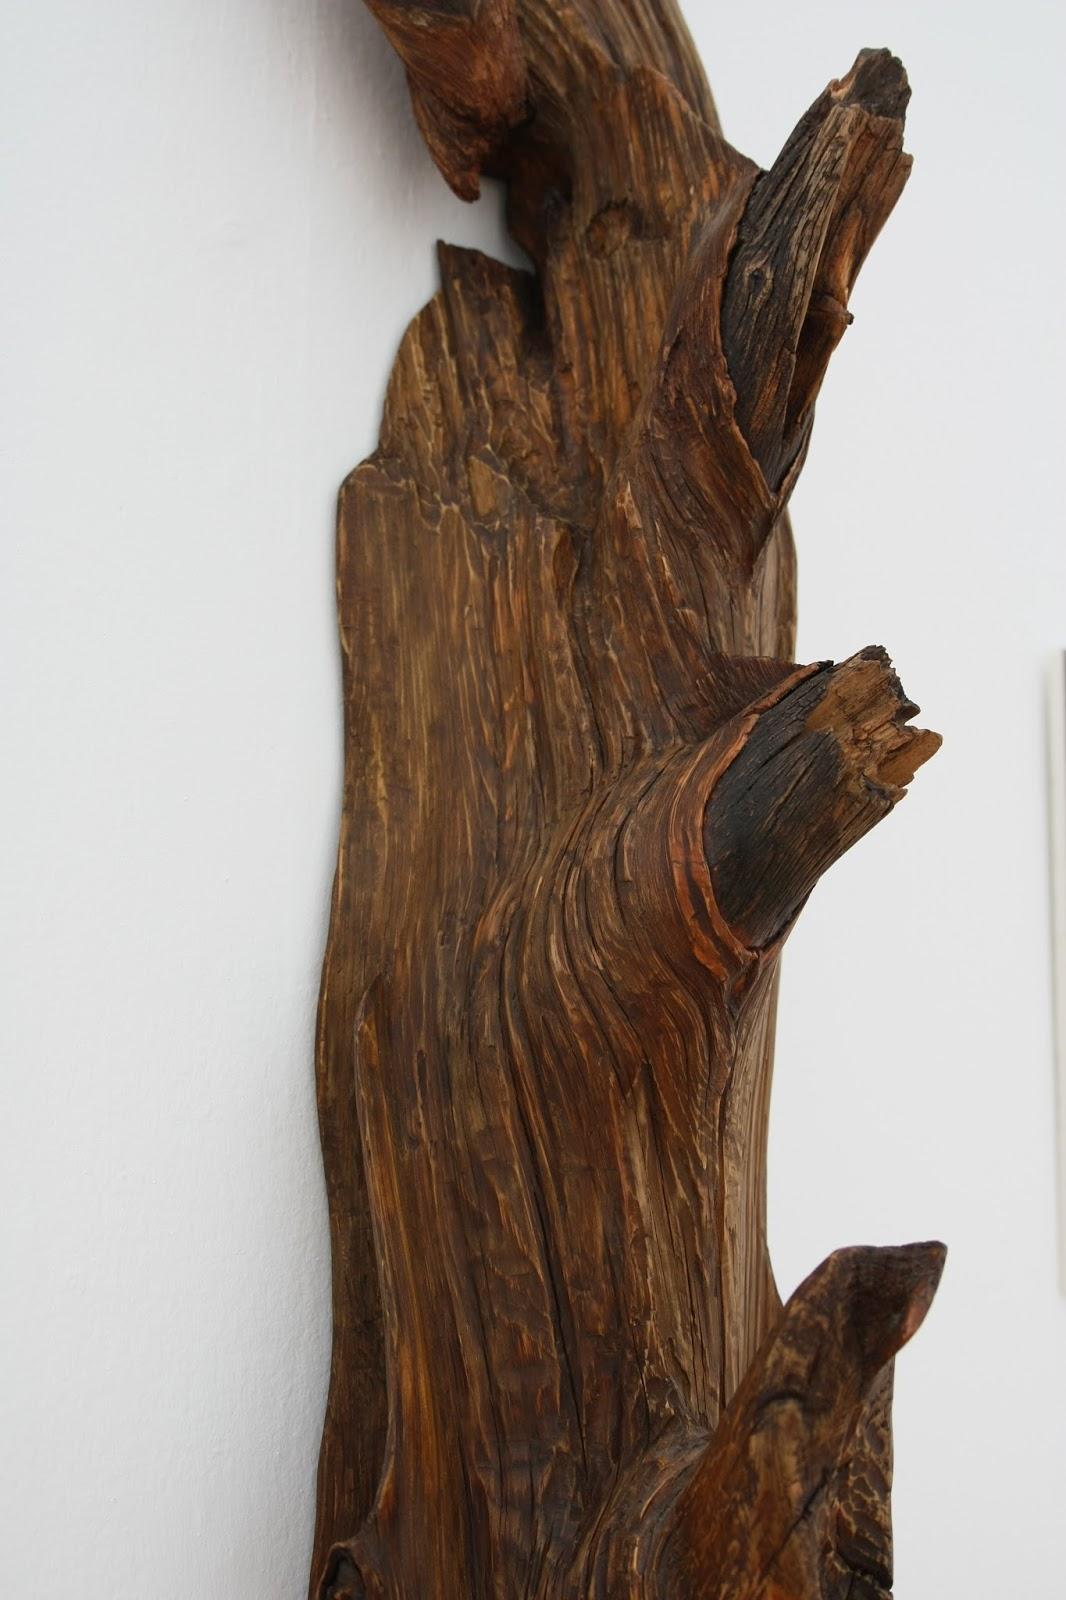 Tronco de madera para decorar - Tronco madera decoracion ...